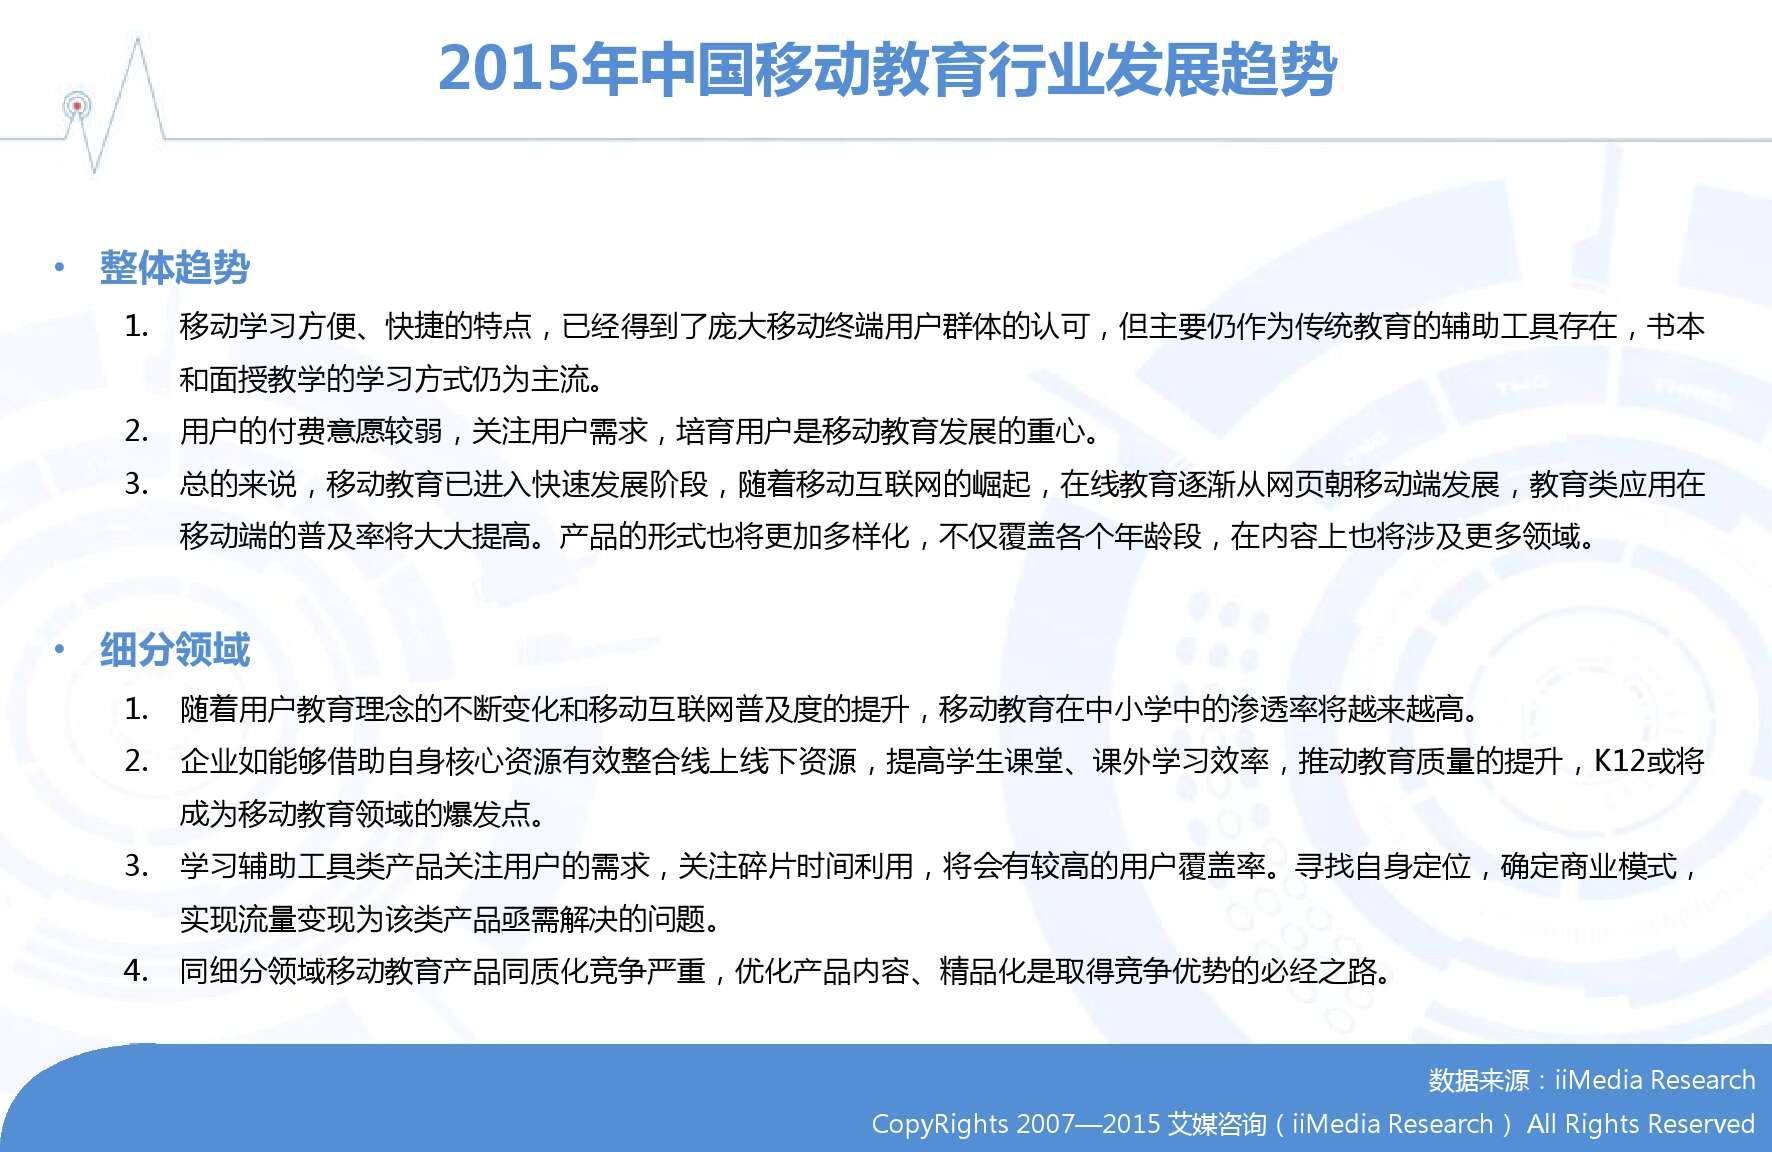 2015-2016年中国移动教育市场研究报告_000033